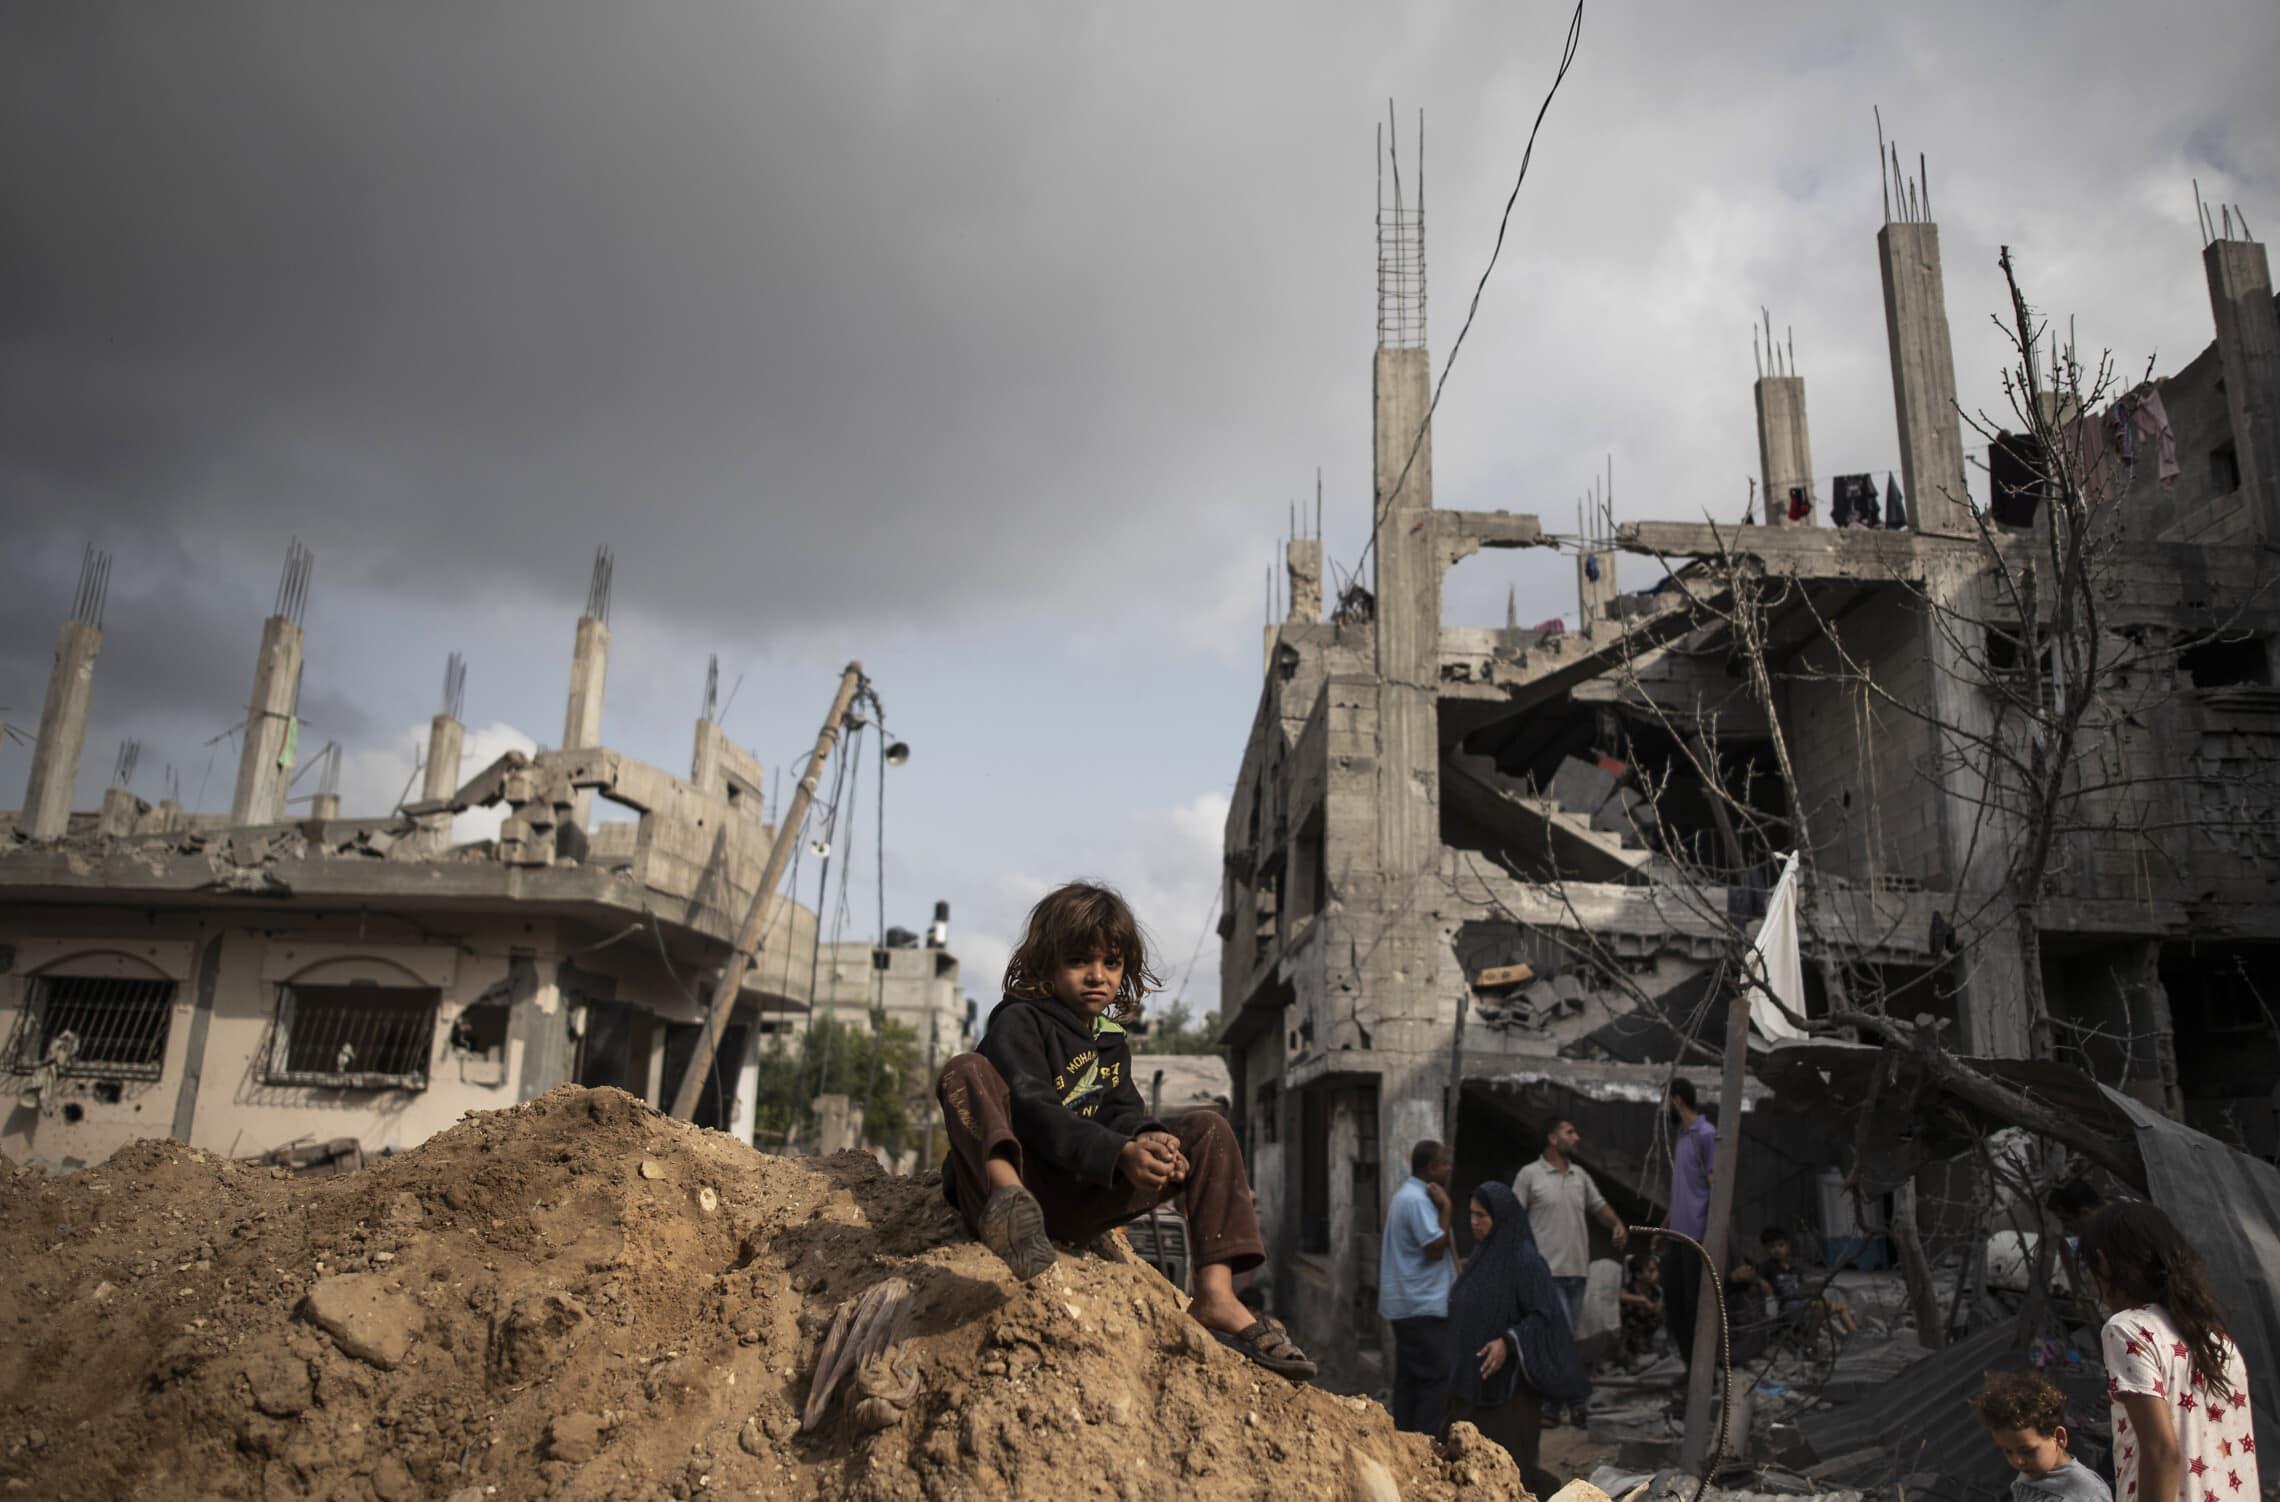 ההריסות בבית חאנון, בצפון רצועת עזה, אחרי תקיפות חיל האוויר, 21 במאי 2021 (צילום: AP Photo/Khalil Hamra)